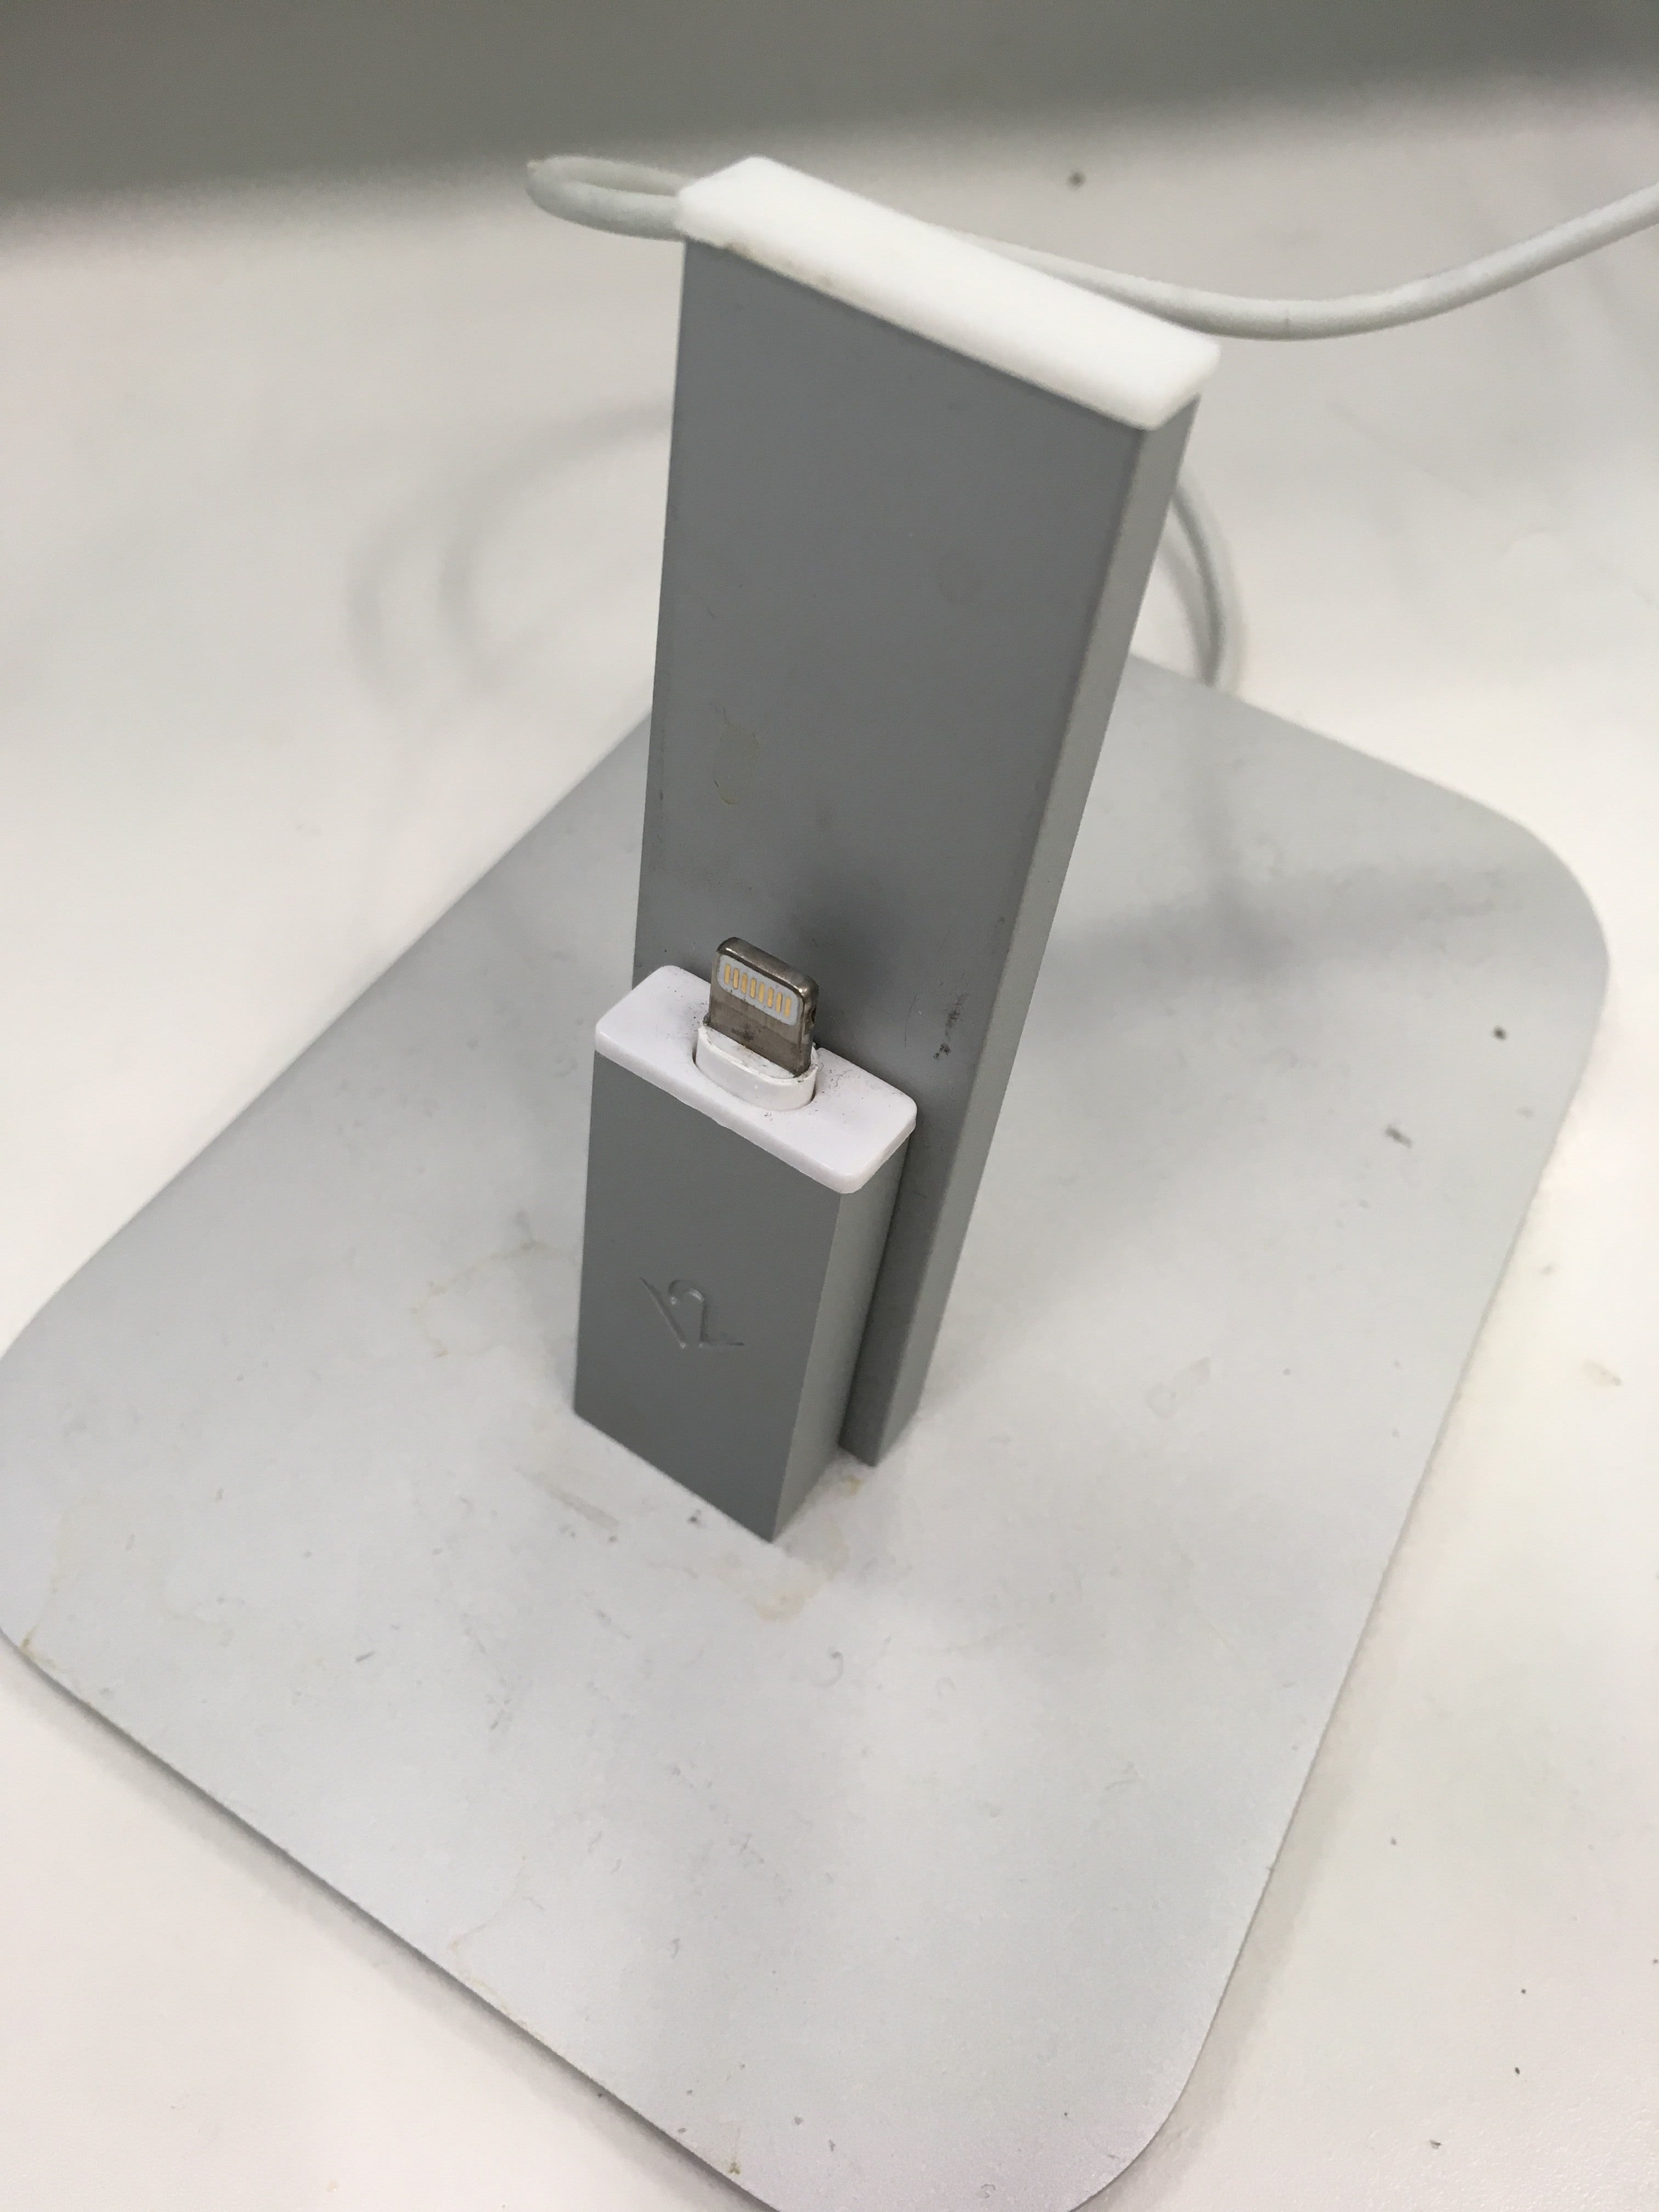 デザインと充電を両立したiPhoneスタンド